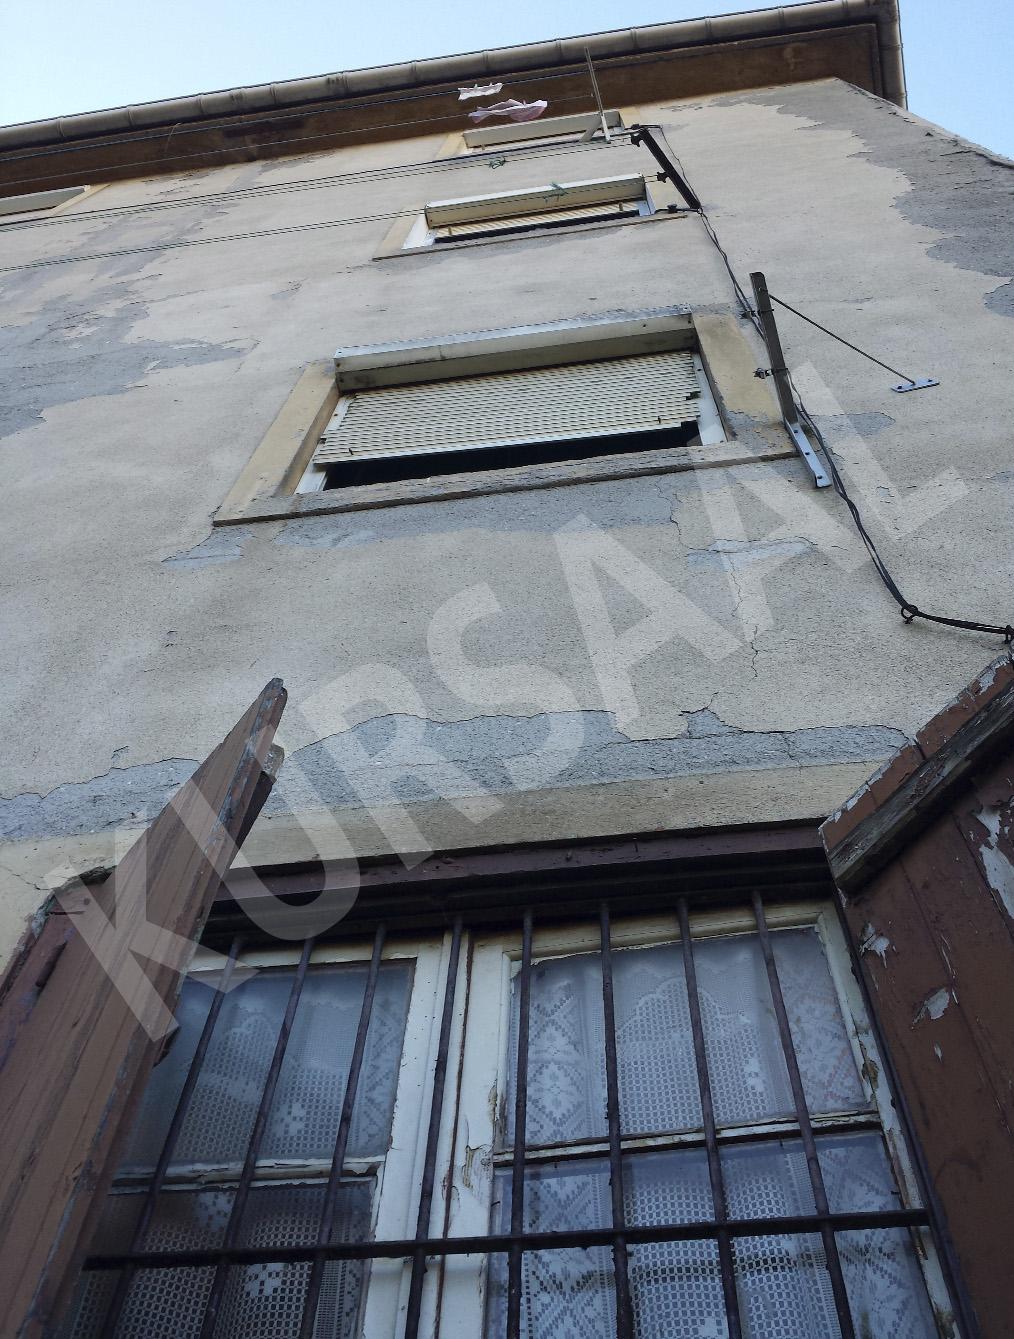 foto 1 - Aislamientos Térmicos y Eficiencia Energética-Casares 66-PASAIA, GIPUZKOA